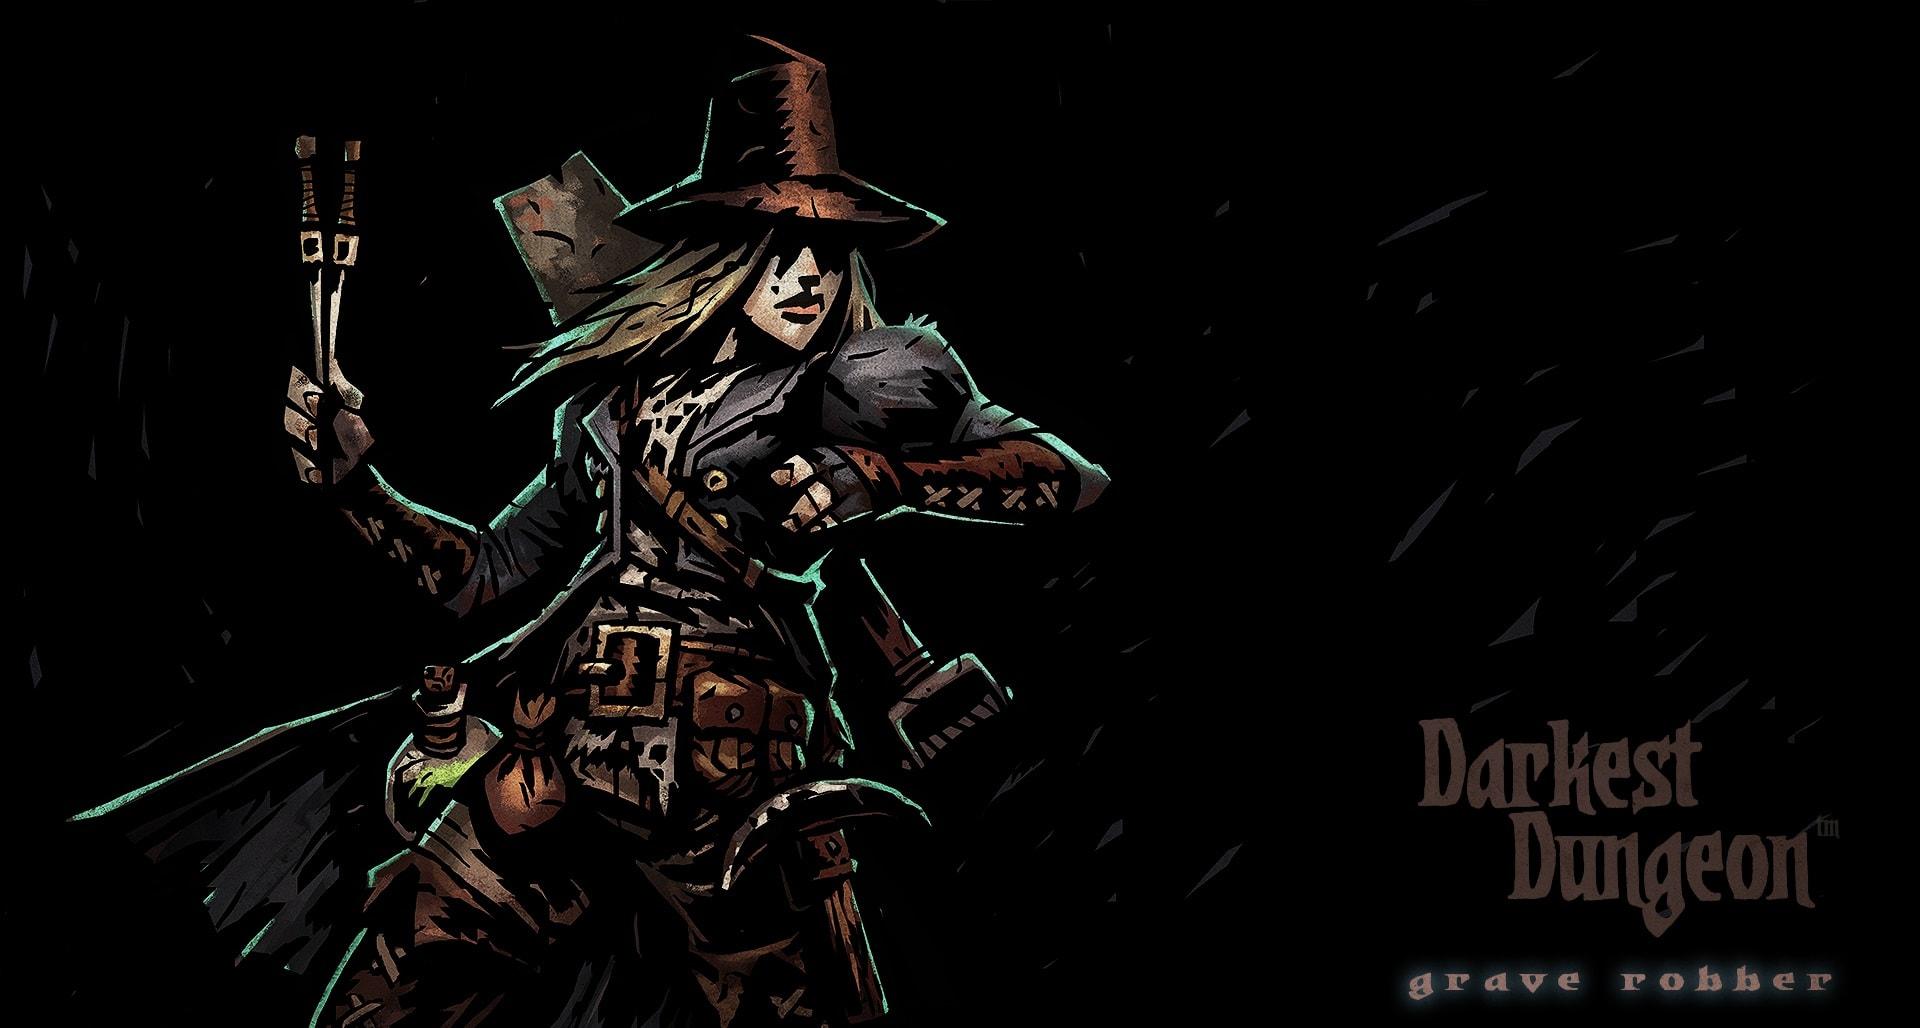 Darkest Dungeon widescreen wallpapers